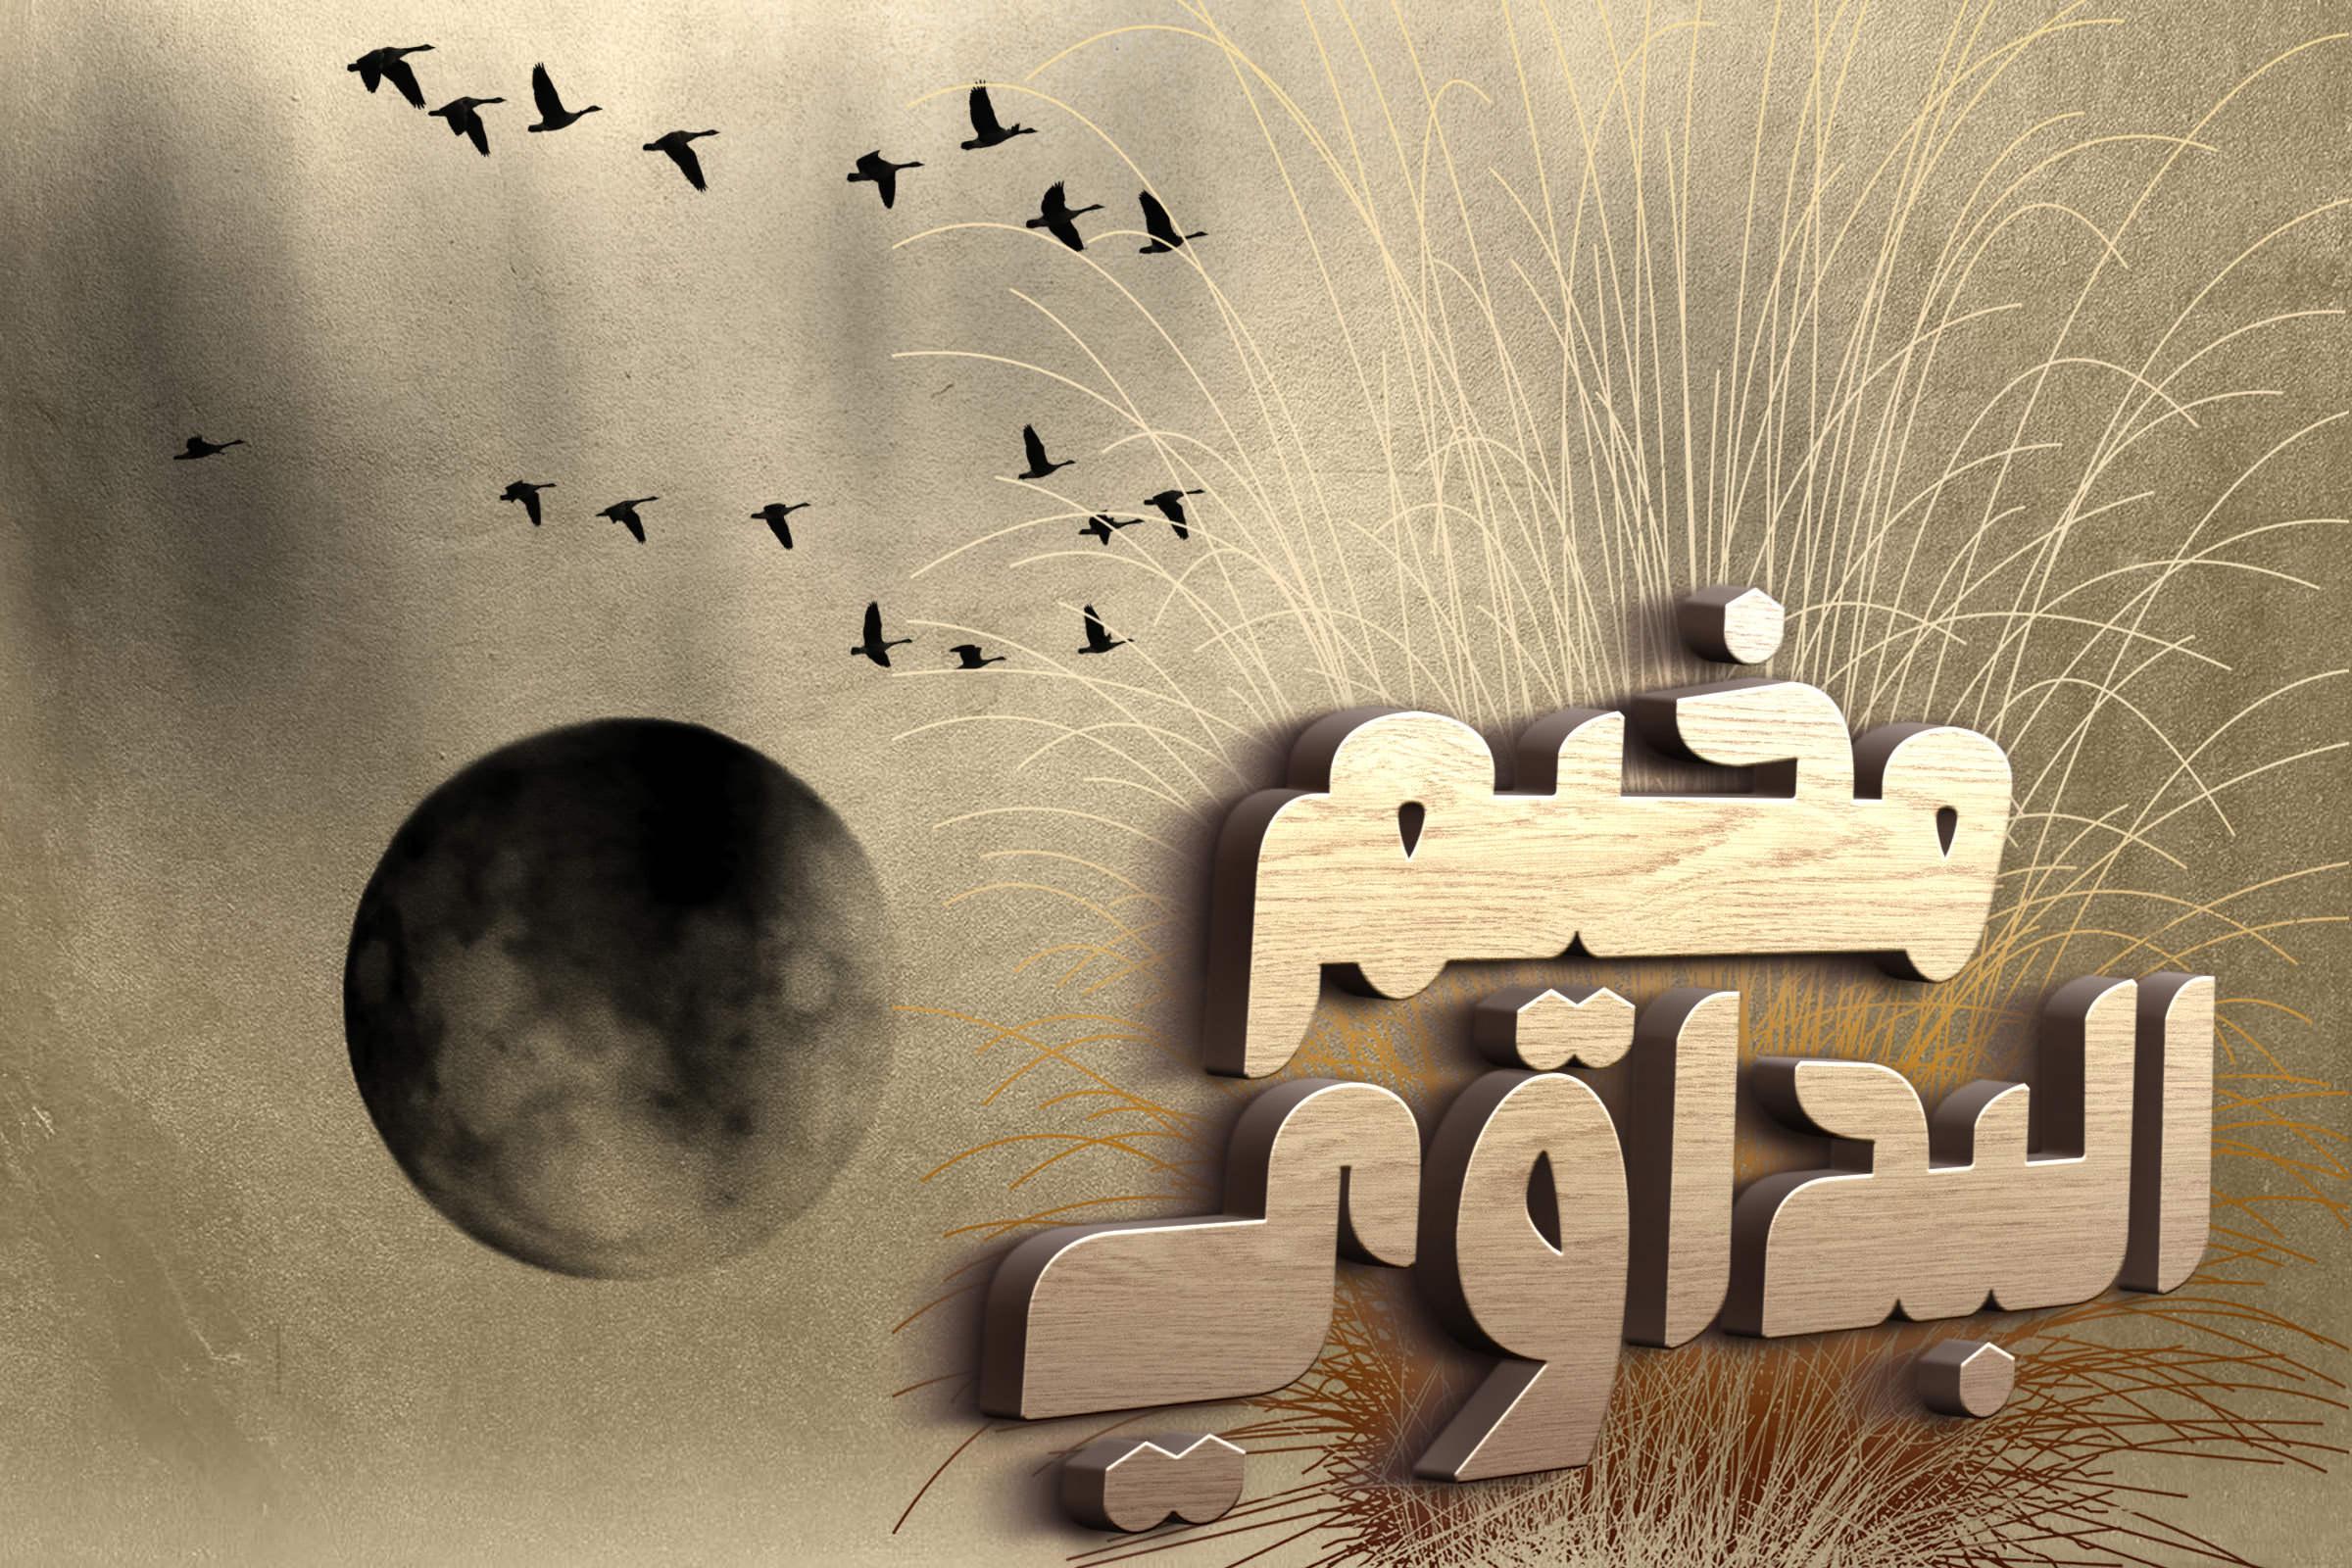 مخيم البداوي - همسة حب ونبض القلب